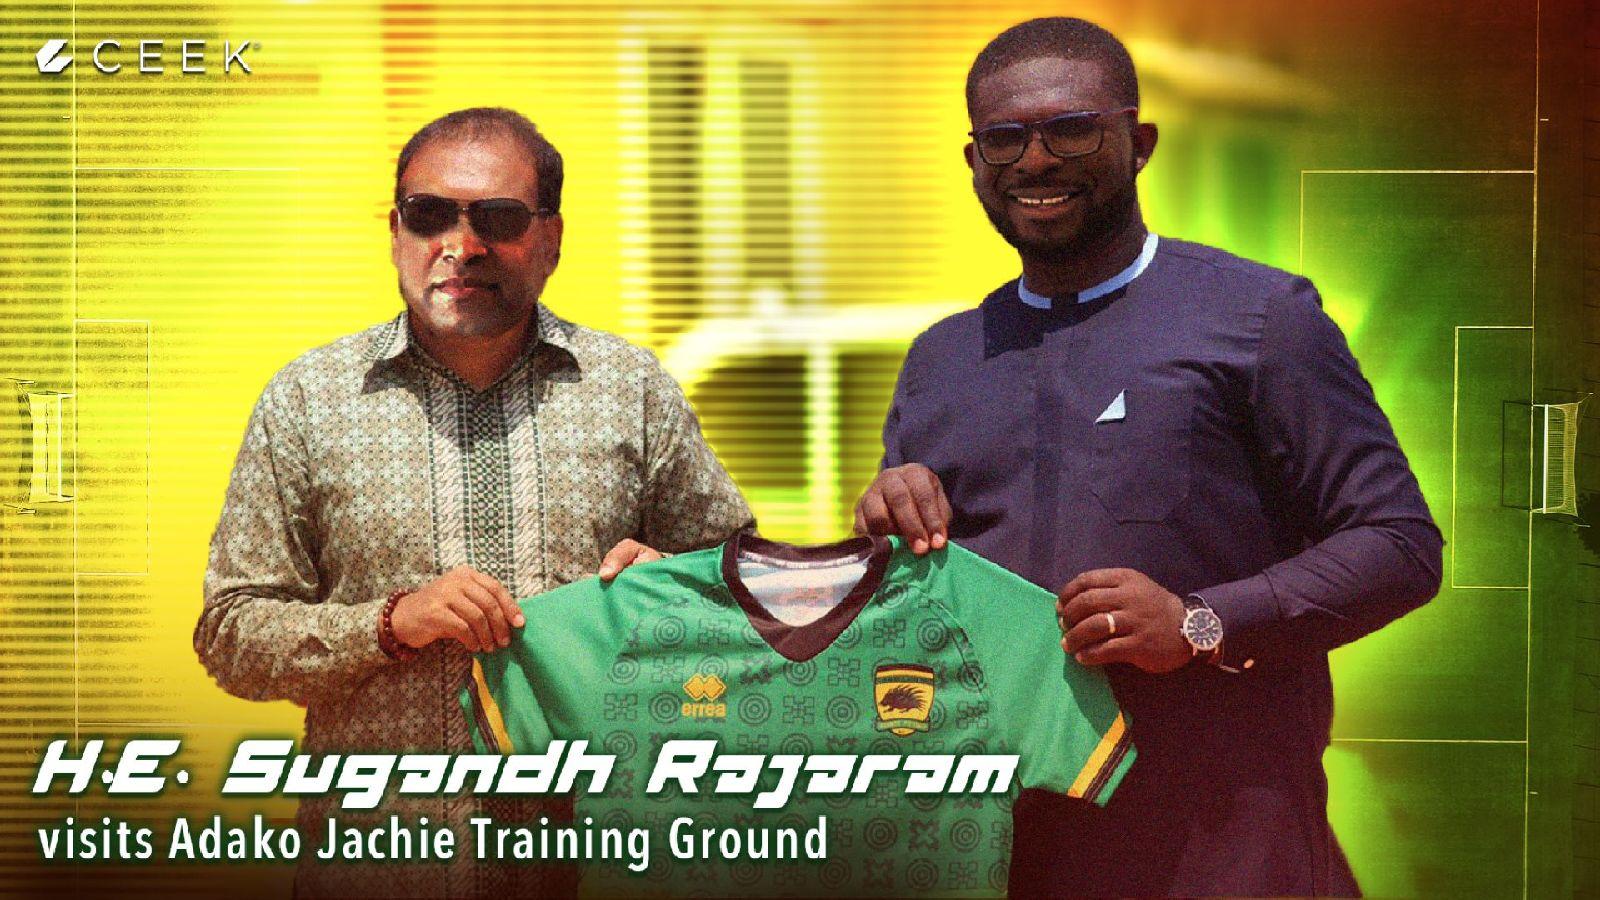 Indian High Commissioner to Ghana, H.E. Sugandh Rajaram visits Adako Jachie Training Ground